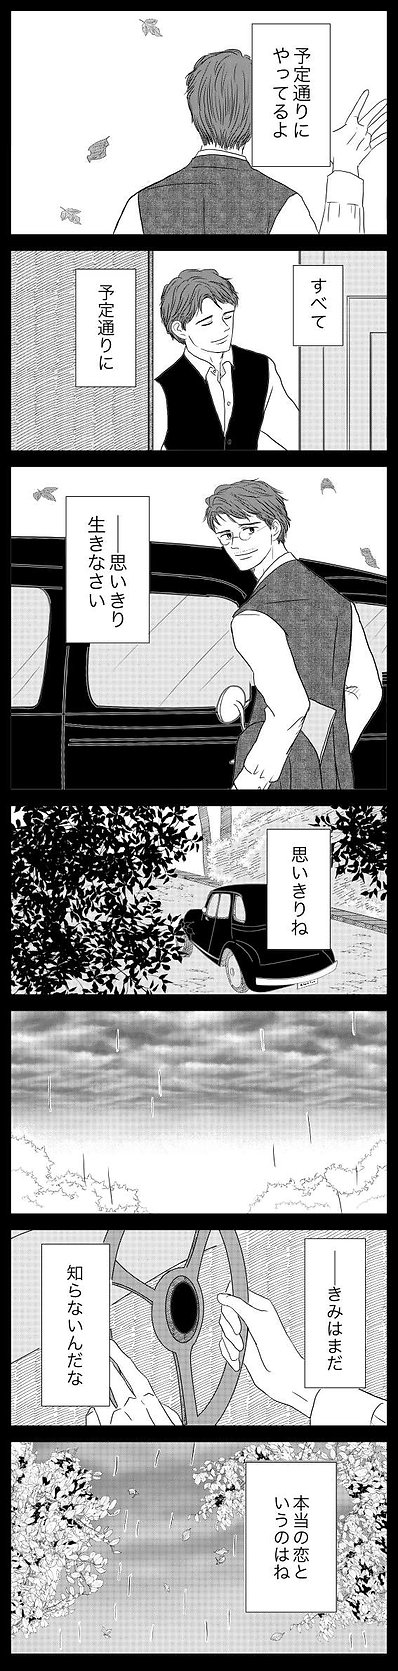 洋輔さん44.jpg